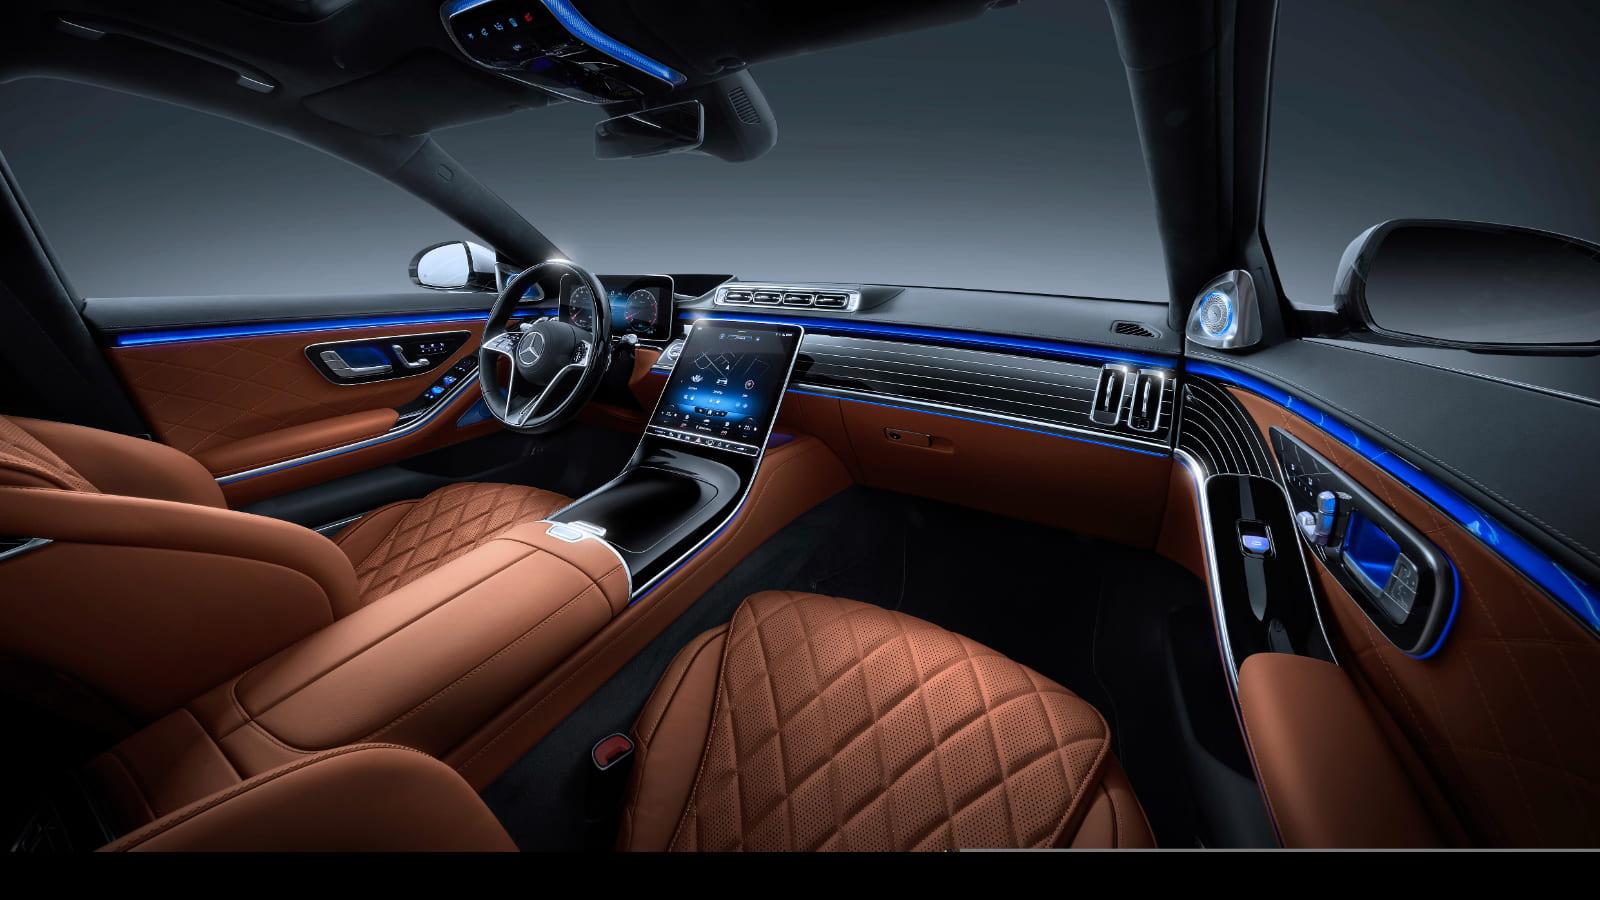 Mercedes-Benz S-Класса салон